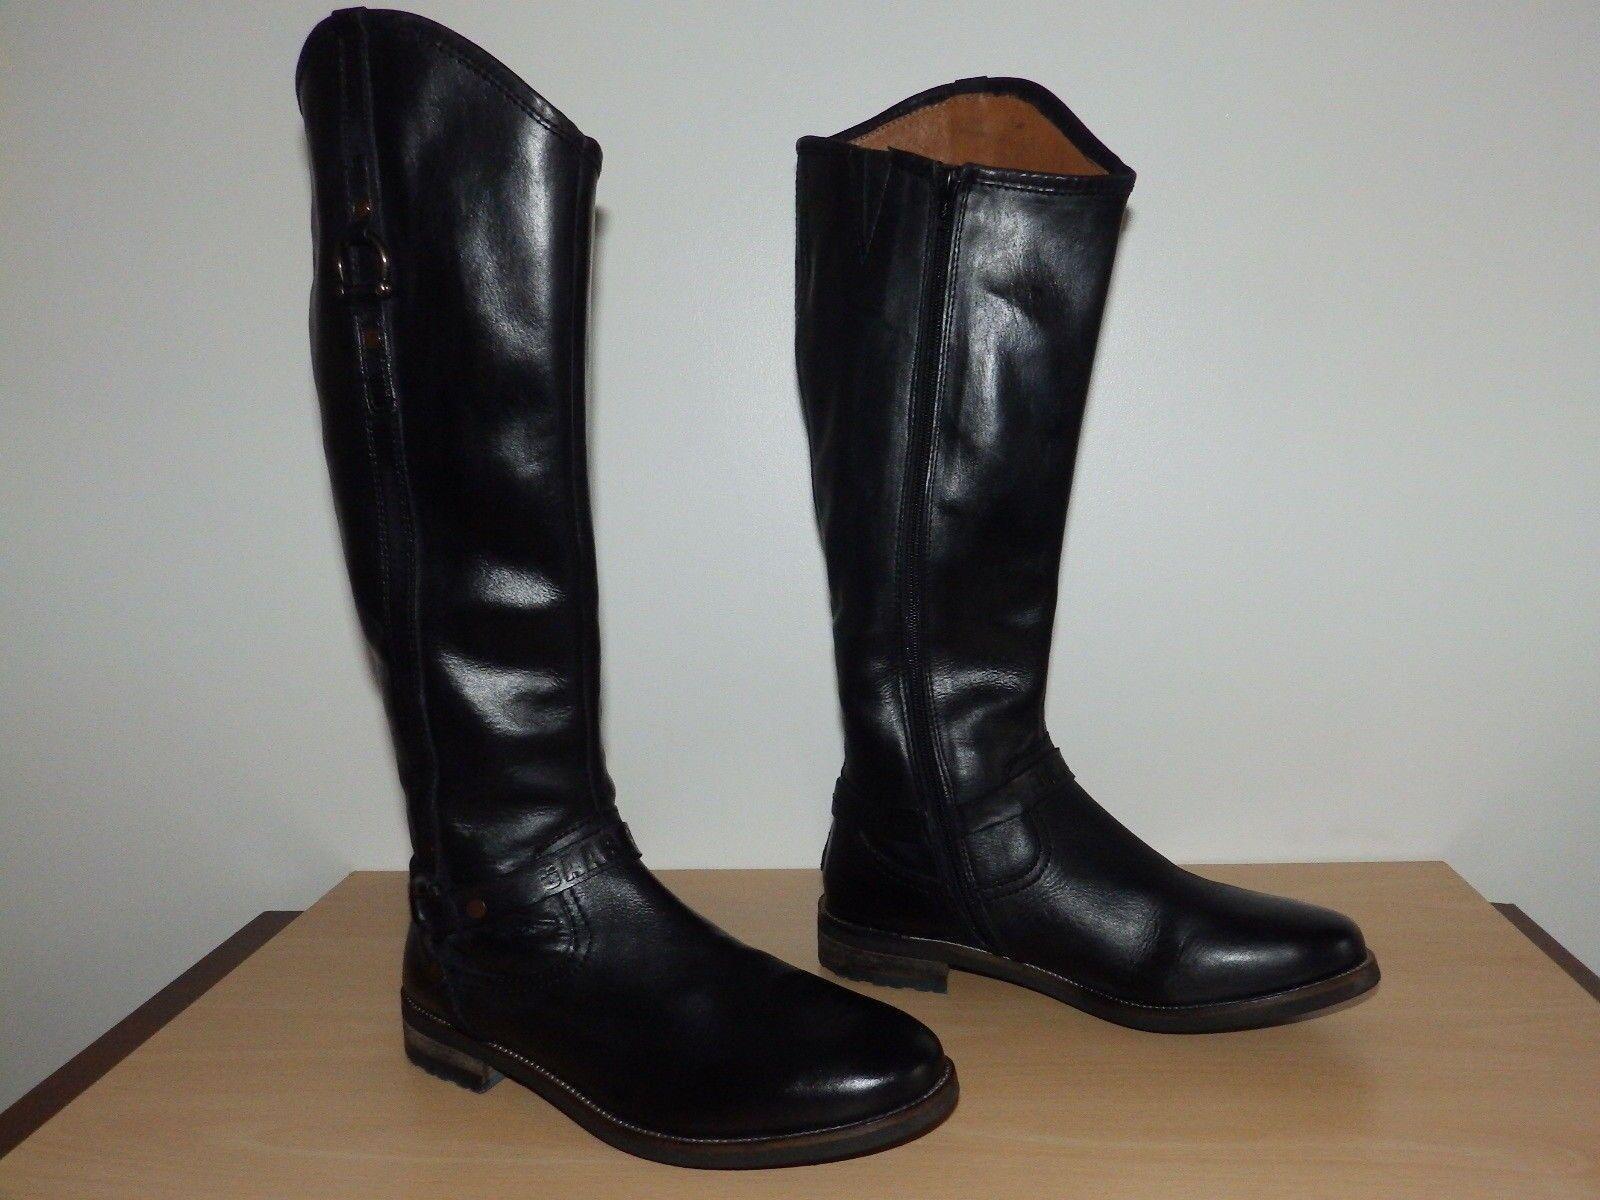 Gaastra Cuero botas botas botas Talla 7 Reino Unido  compras en linea